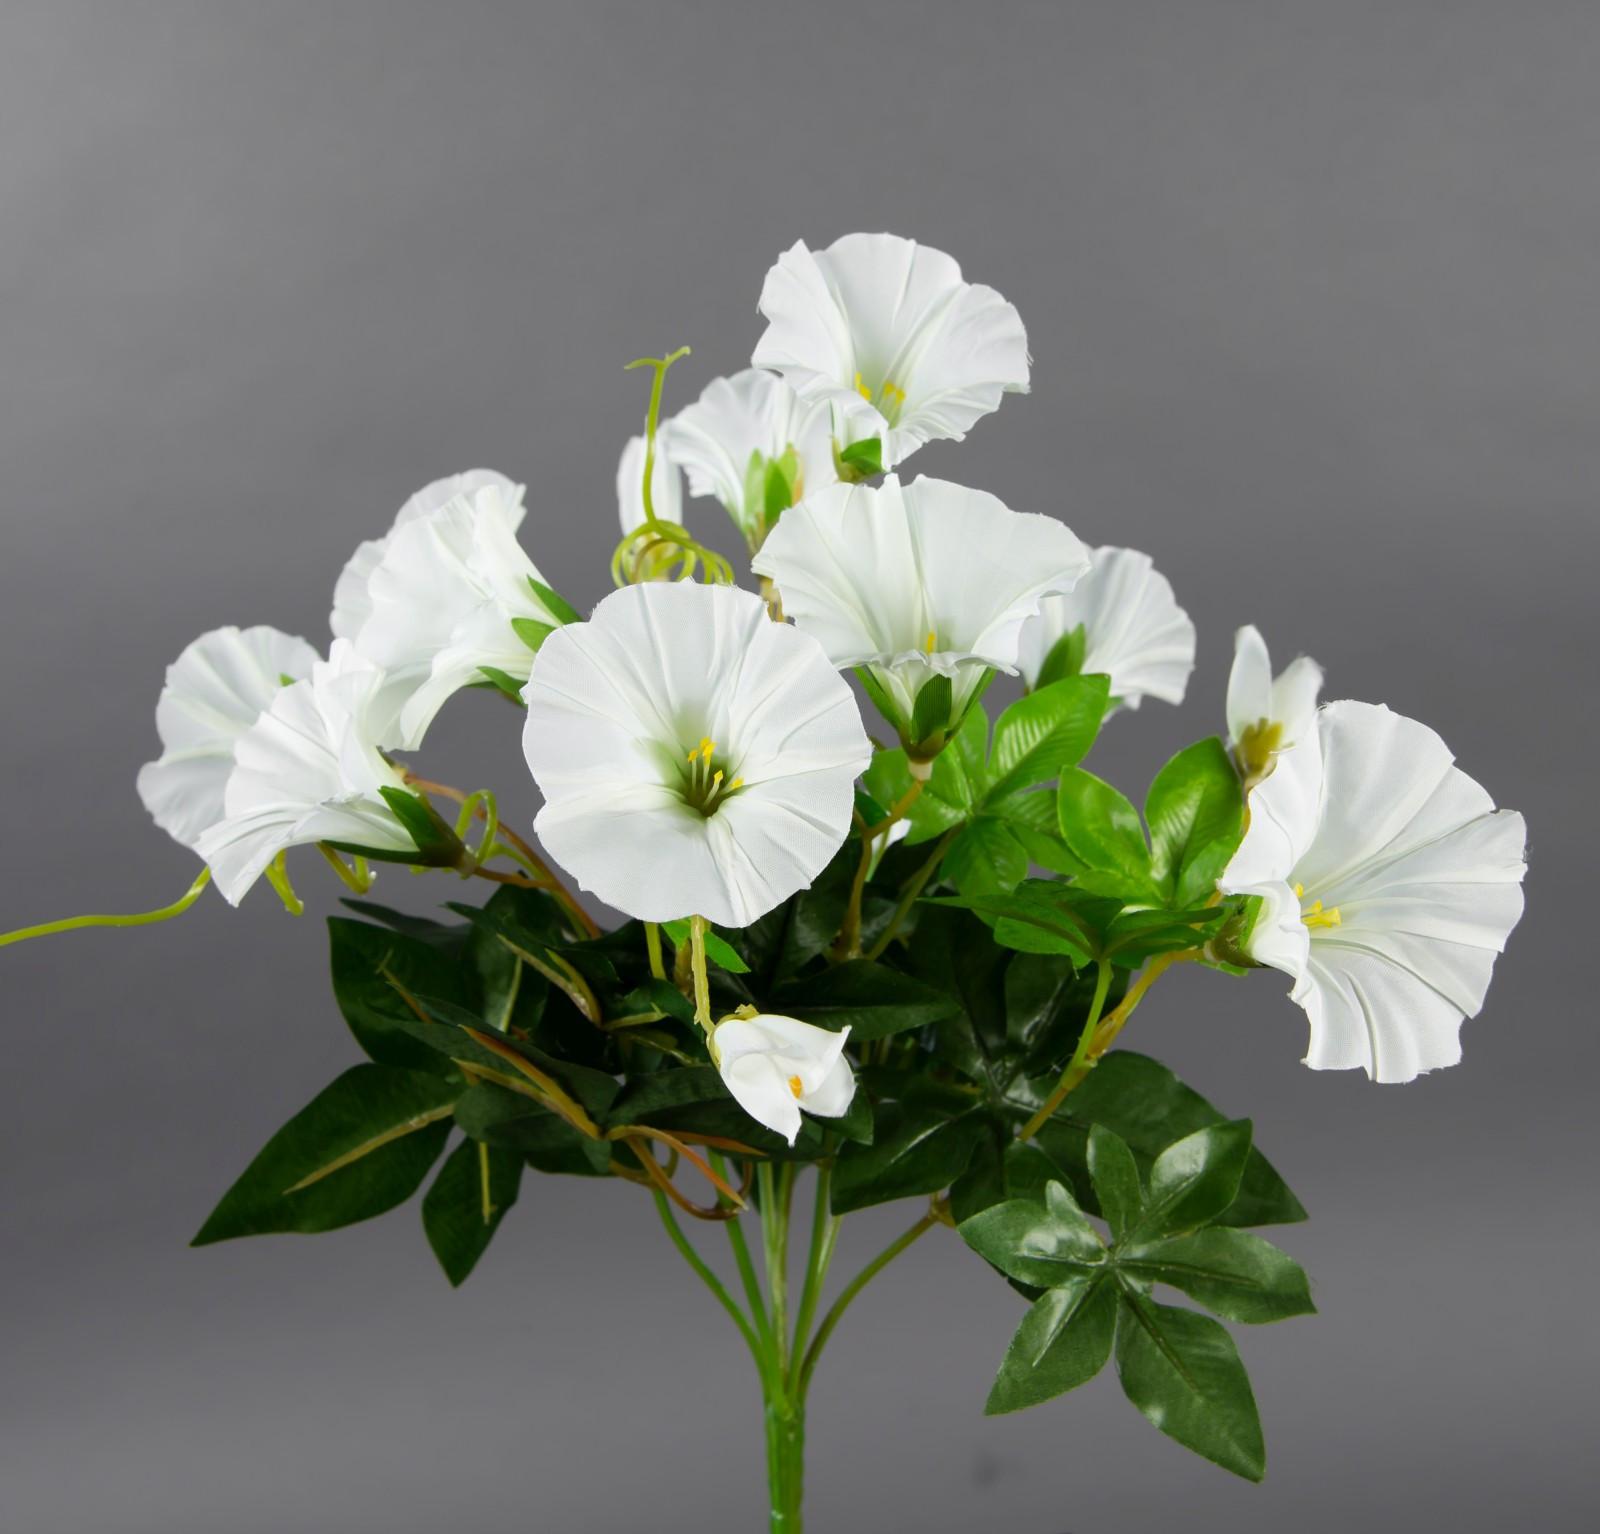 Petunienbusch 28cm weiß ohne Topf ZF künstliche Pflanze künstliche Petunie Kunstblume Kunstpflanze Neuheiten